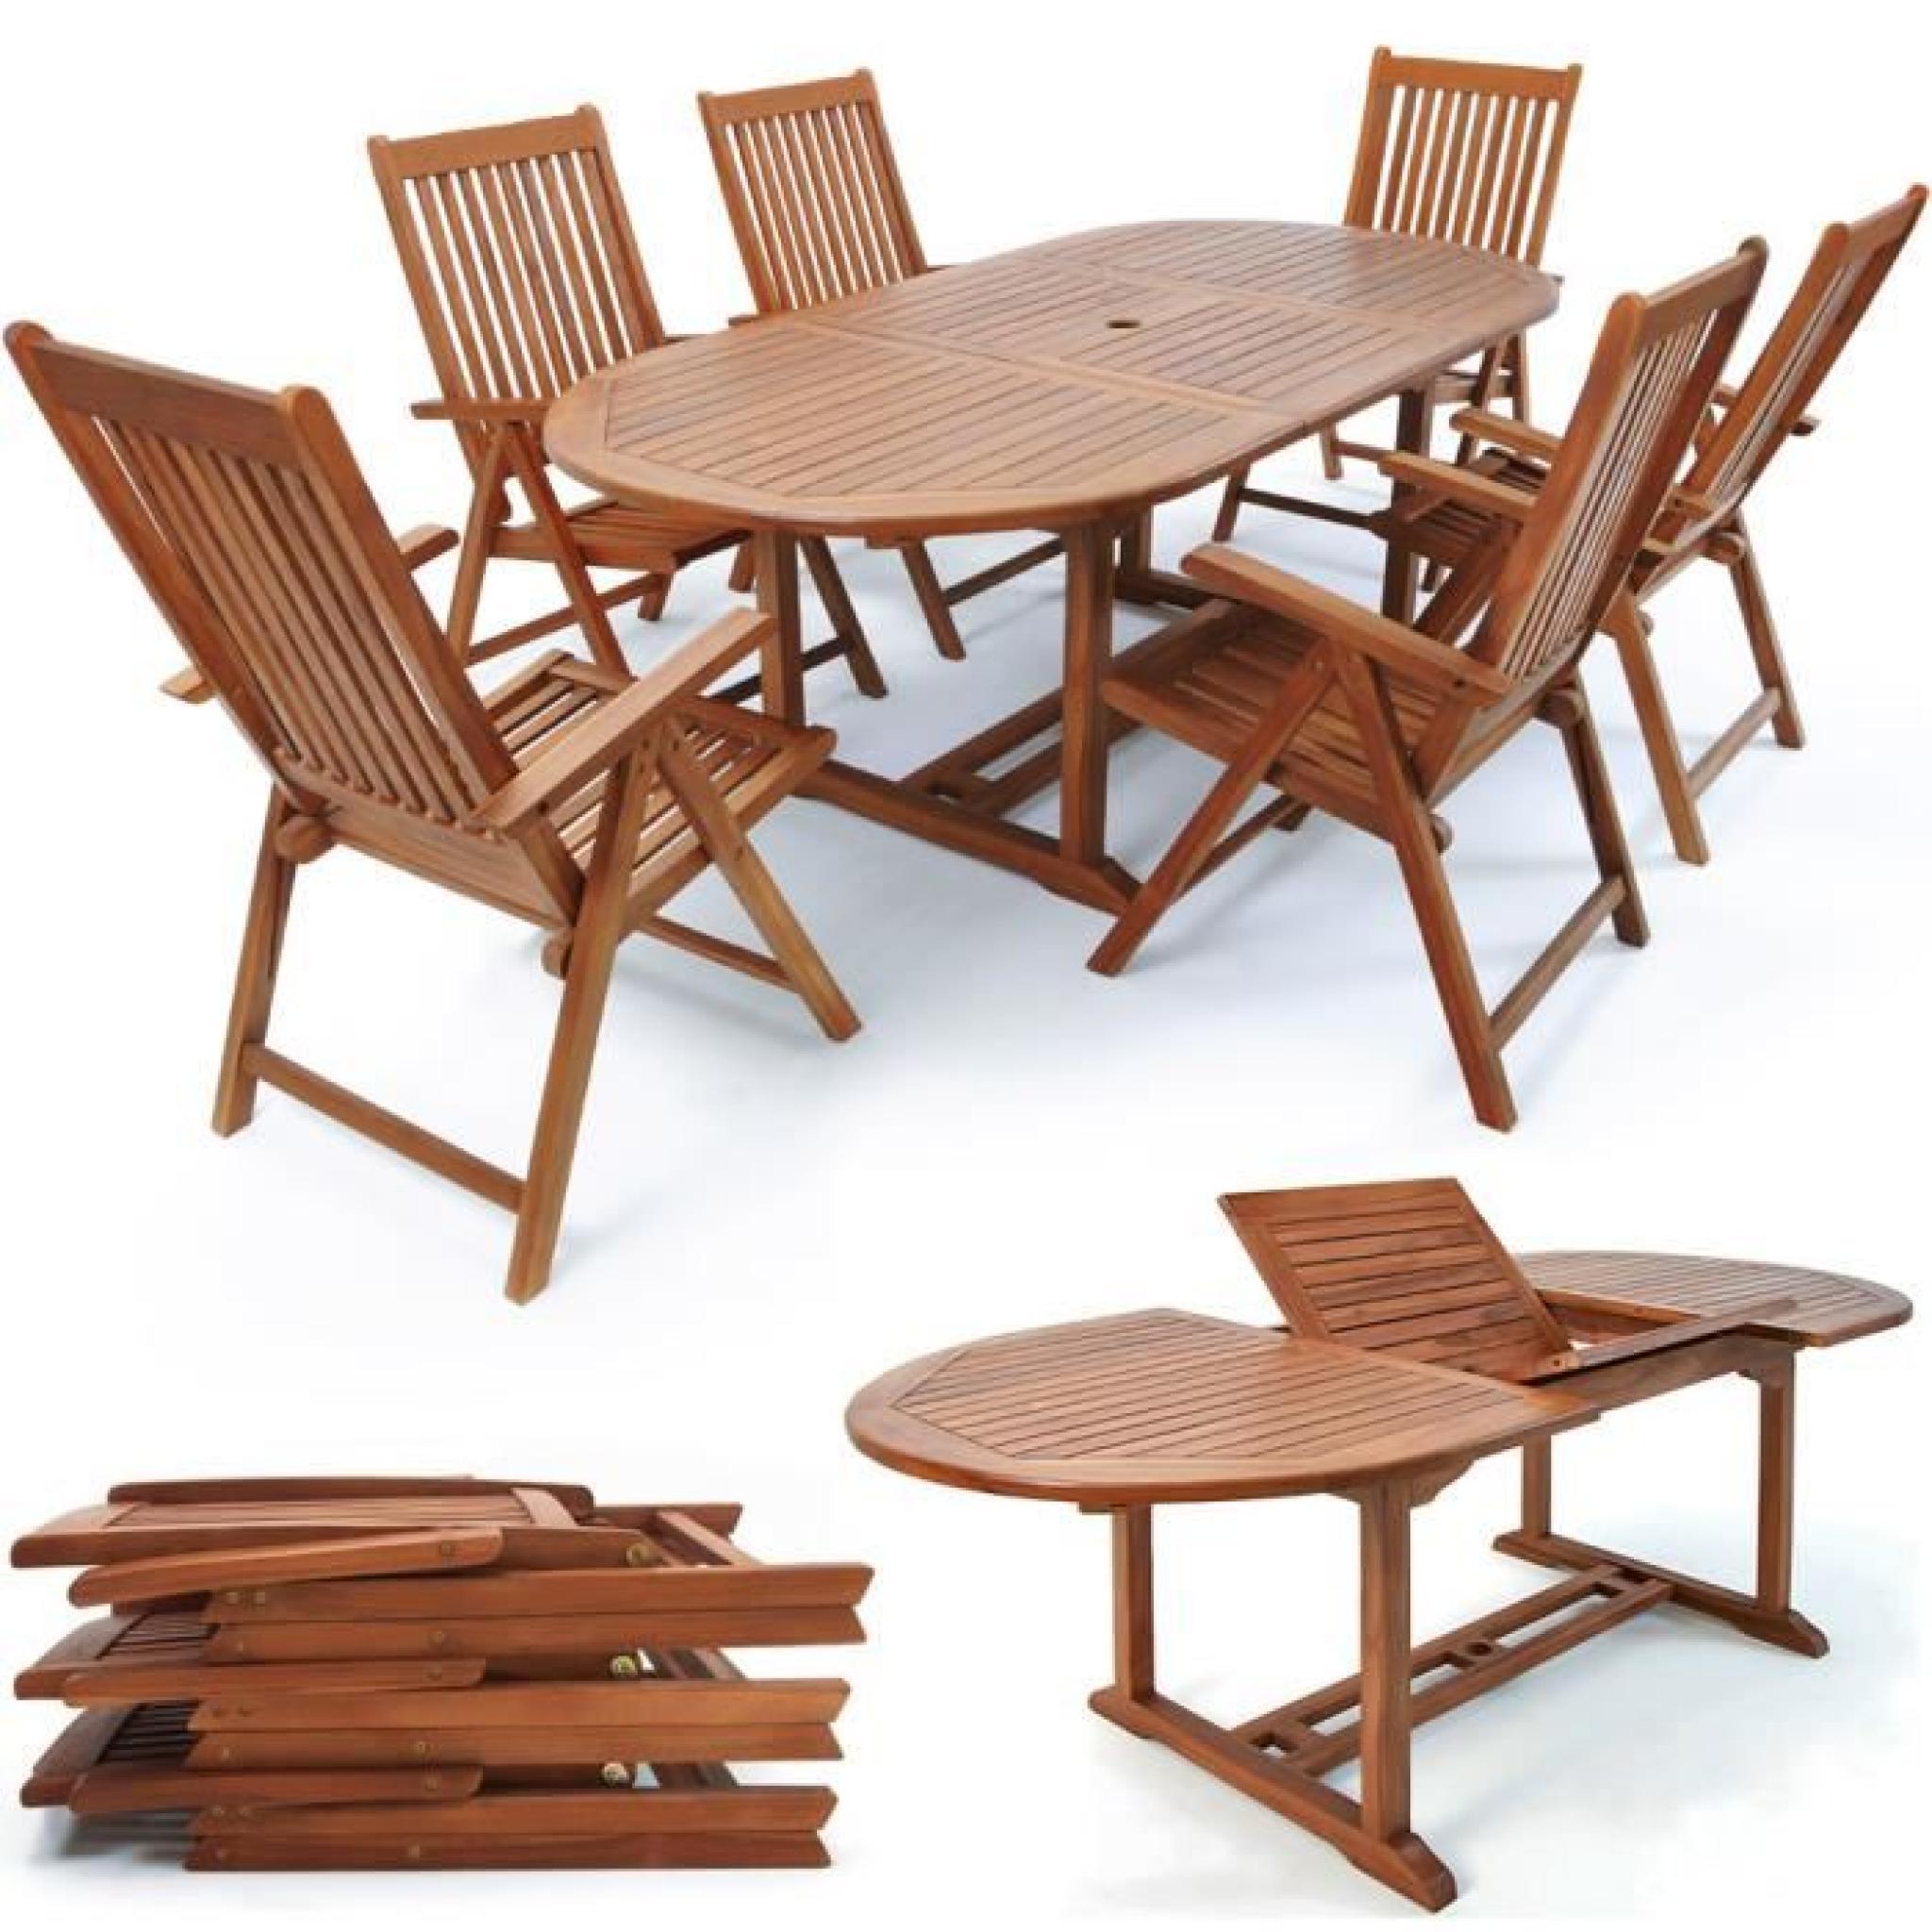 Salon De Jardin Vanamo - Ensemble 7 Pièces Table Et Chaises En Bois Dur destiné Salon De Jardin En Bois Pas Cher